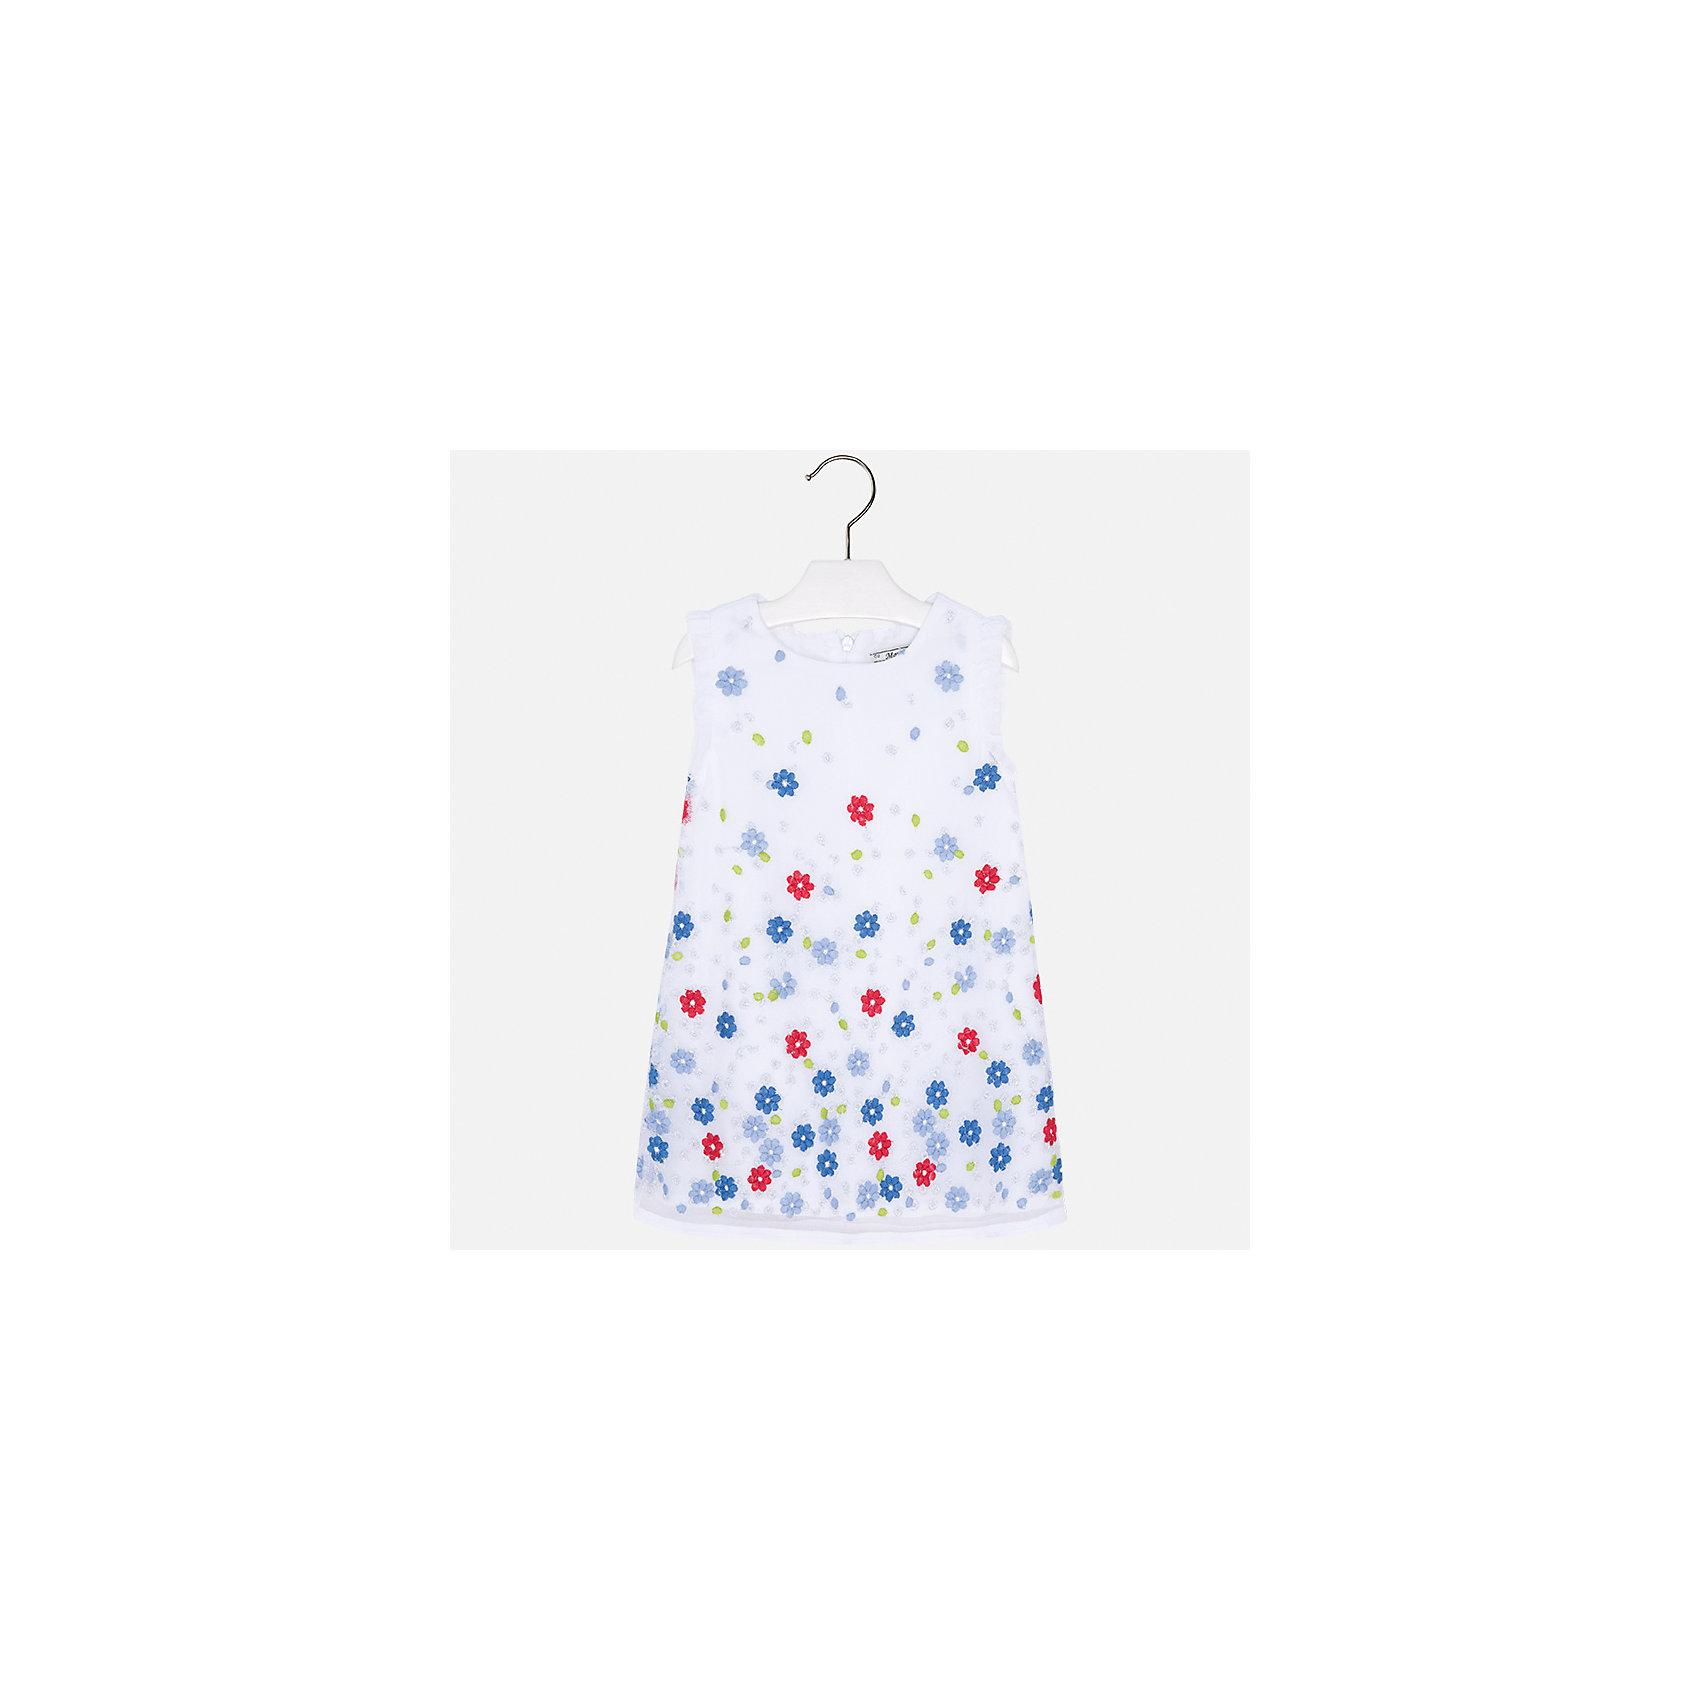 Платье для девочки MayoralПлатья и сарафаны<br>Характеристики товара:<br><br>• цвет: белый<br>• состав: 100% полиэстер, подкладка - 80% полиэстер, 20% хлопок<br>• застежка: молния<br>• легкий материал<br>• цветочный рисунок<br>• без рукавов<br>• с подкладкой<br>• страна бренда: Испания<br><br>Красивое легкое платье для девочки поможет разнообразить гардероб ребенка и создать эффектный наряд. Оно подойдет и для торжественных случаев, может быть и как ежедневный наряд. В составе материала подкладки - натуральный хлопок, гипоаллергенный, приятный на ощупь, дышащий. Платье хорошо сидит по фигуре.<br><br>Платье для девочки от испанского бренда Mayoral (Майорал) можно купить в нашем интернет-магазине.<br><br>Ширина мм: 236<br>Глубина мм: 16<br>Высота мм: 184<br>Вес г: 177<br>Цвет: красный<br>Возраст от месяцев: 24<br>Возраст до месяцев: 36<br>Пол: Женский<br>Возраст: Детский<br>Размер: 98,134,104,110,116,122,128<br>SKU: 5291033